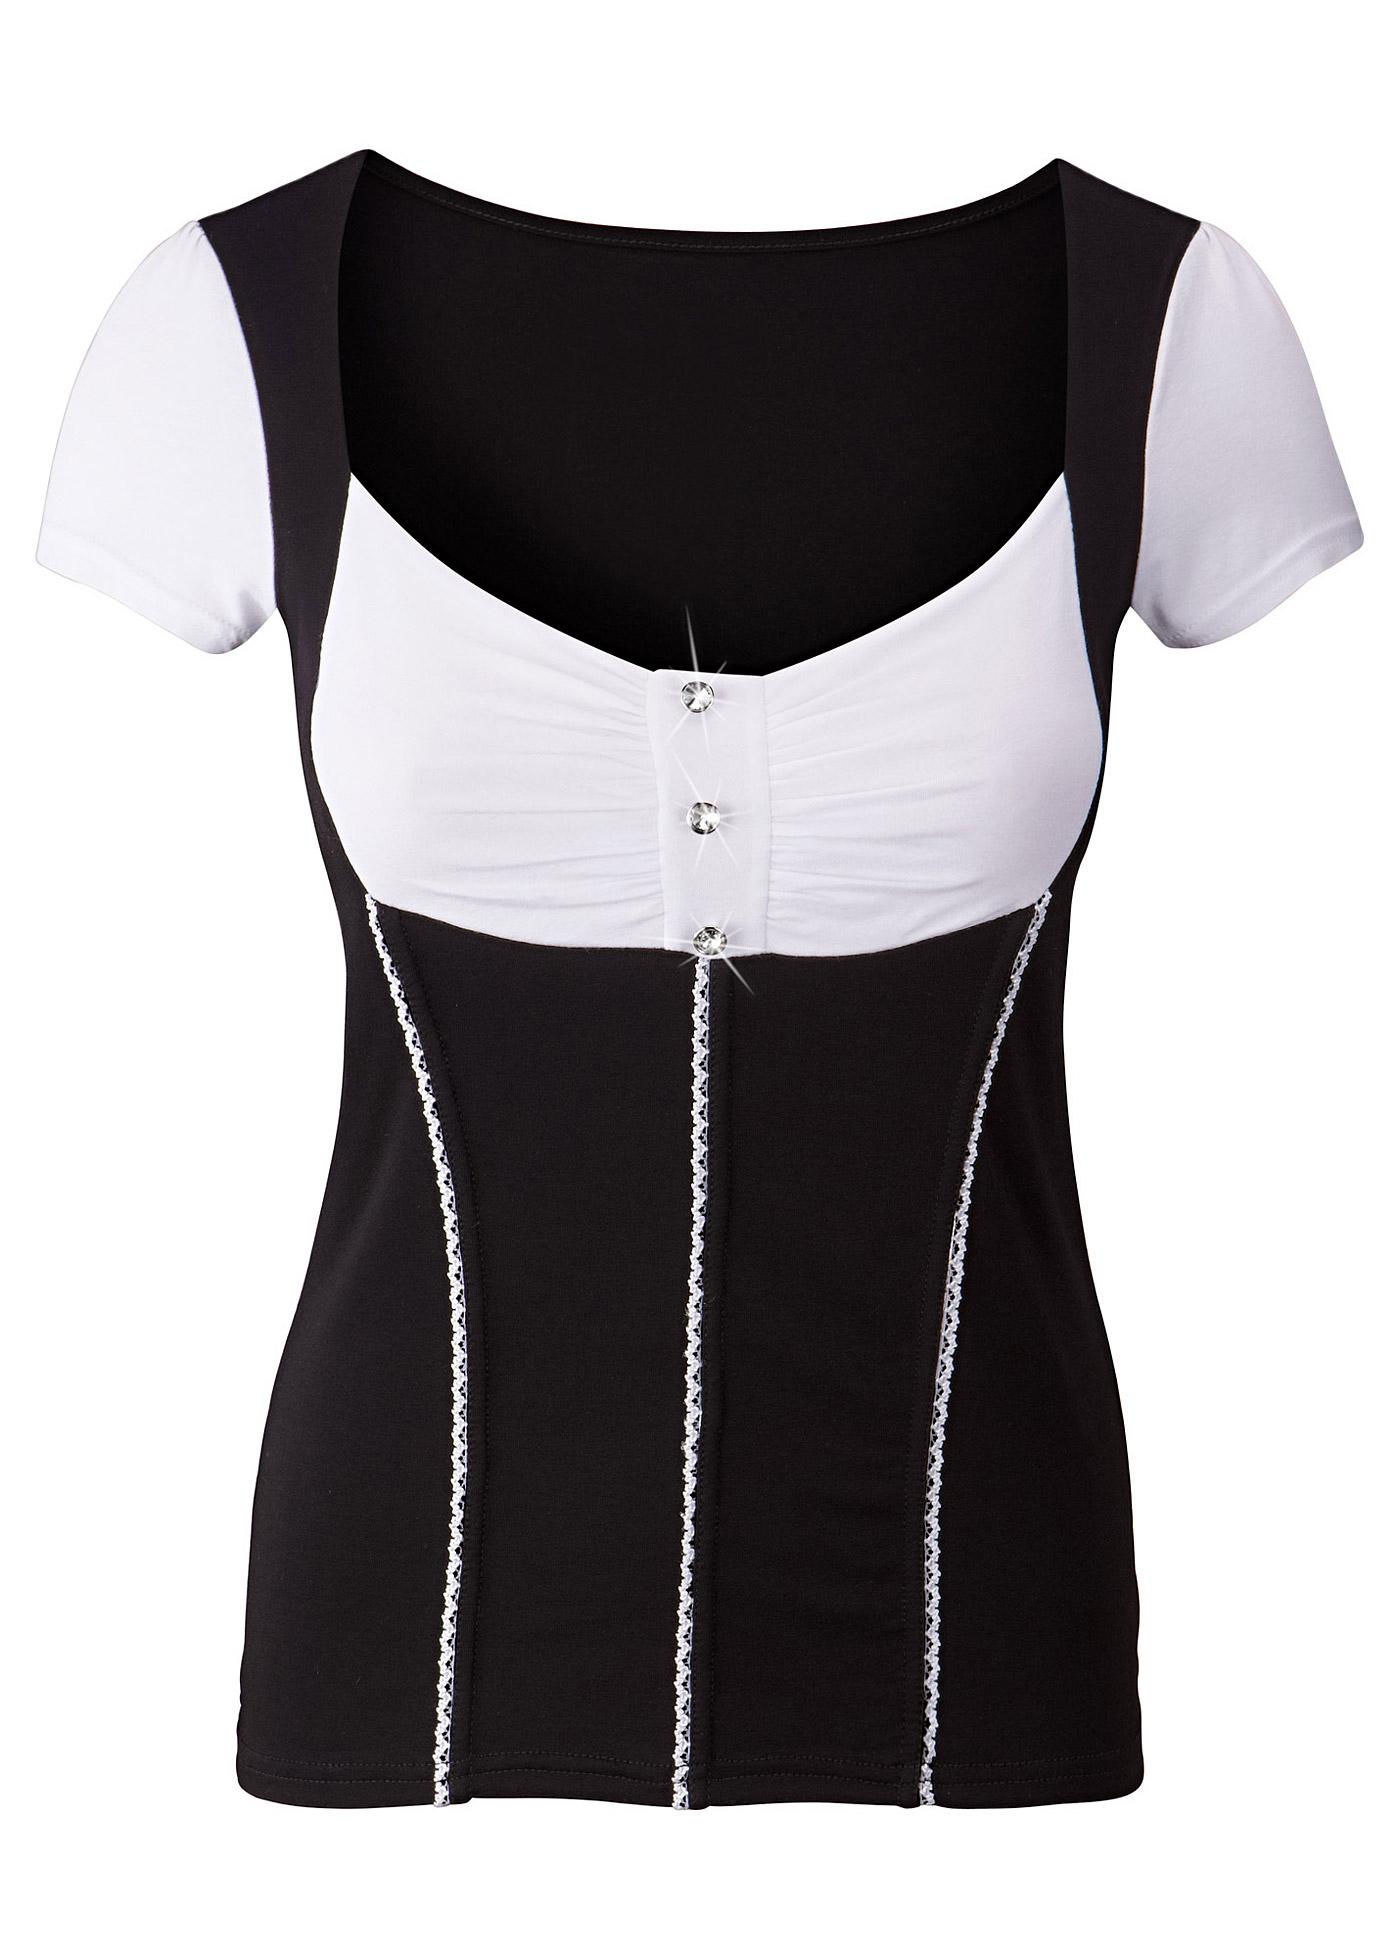 Blusa modelo corpete preta manga curta com decote quadrado